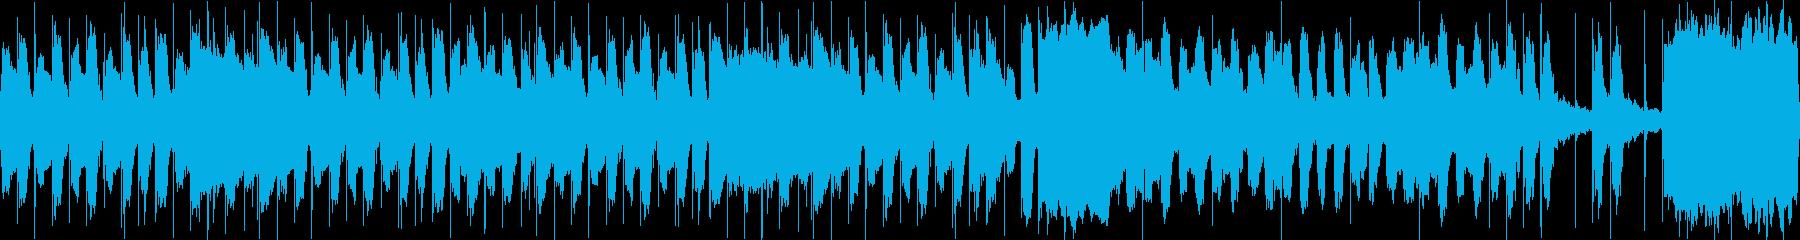 コミカル かわいい ループ2の再生済みの波形